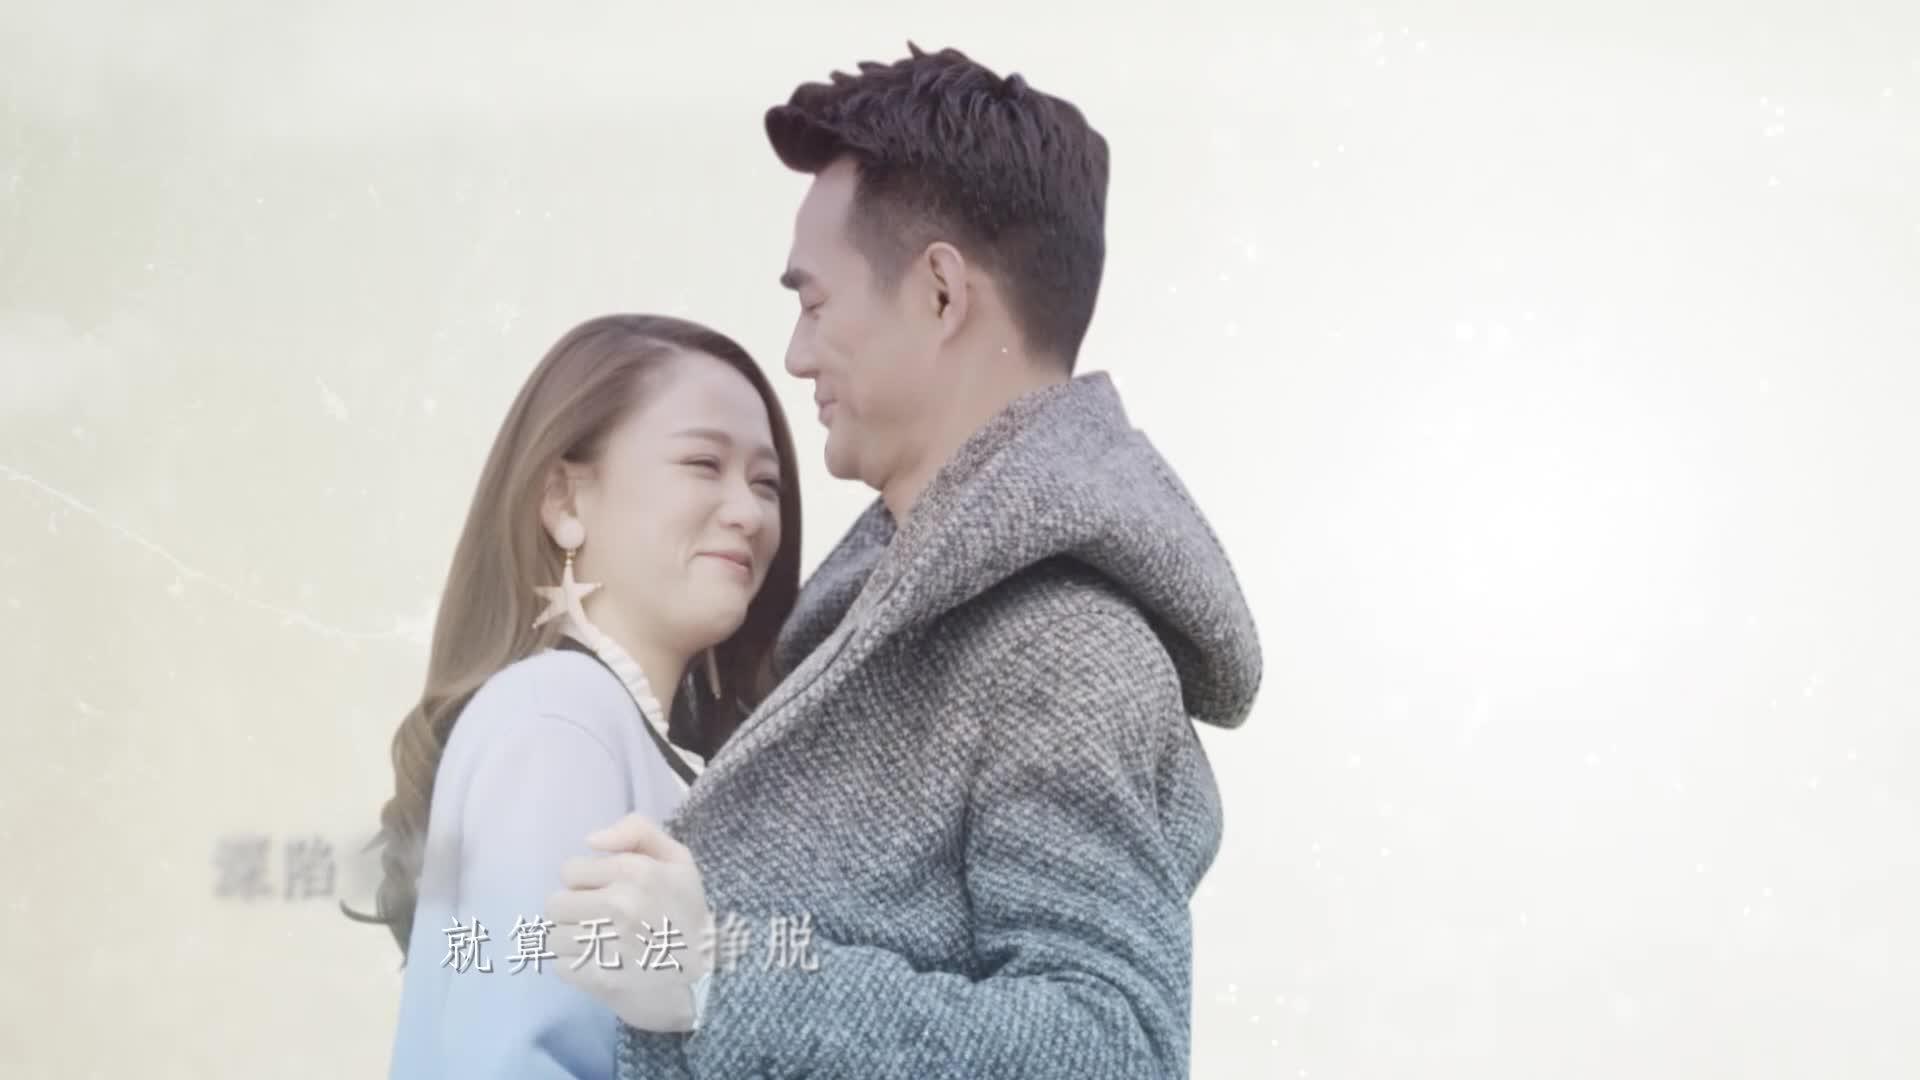 《放棄我抓緊我》首曝片頭曲 陳喬恩王凱演濃情戀人